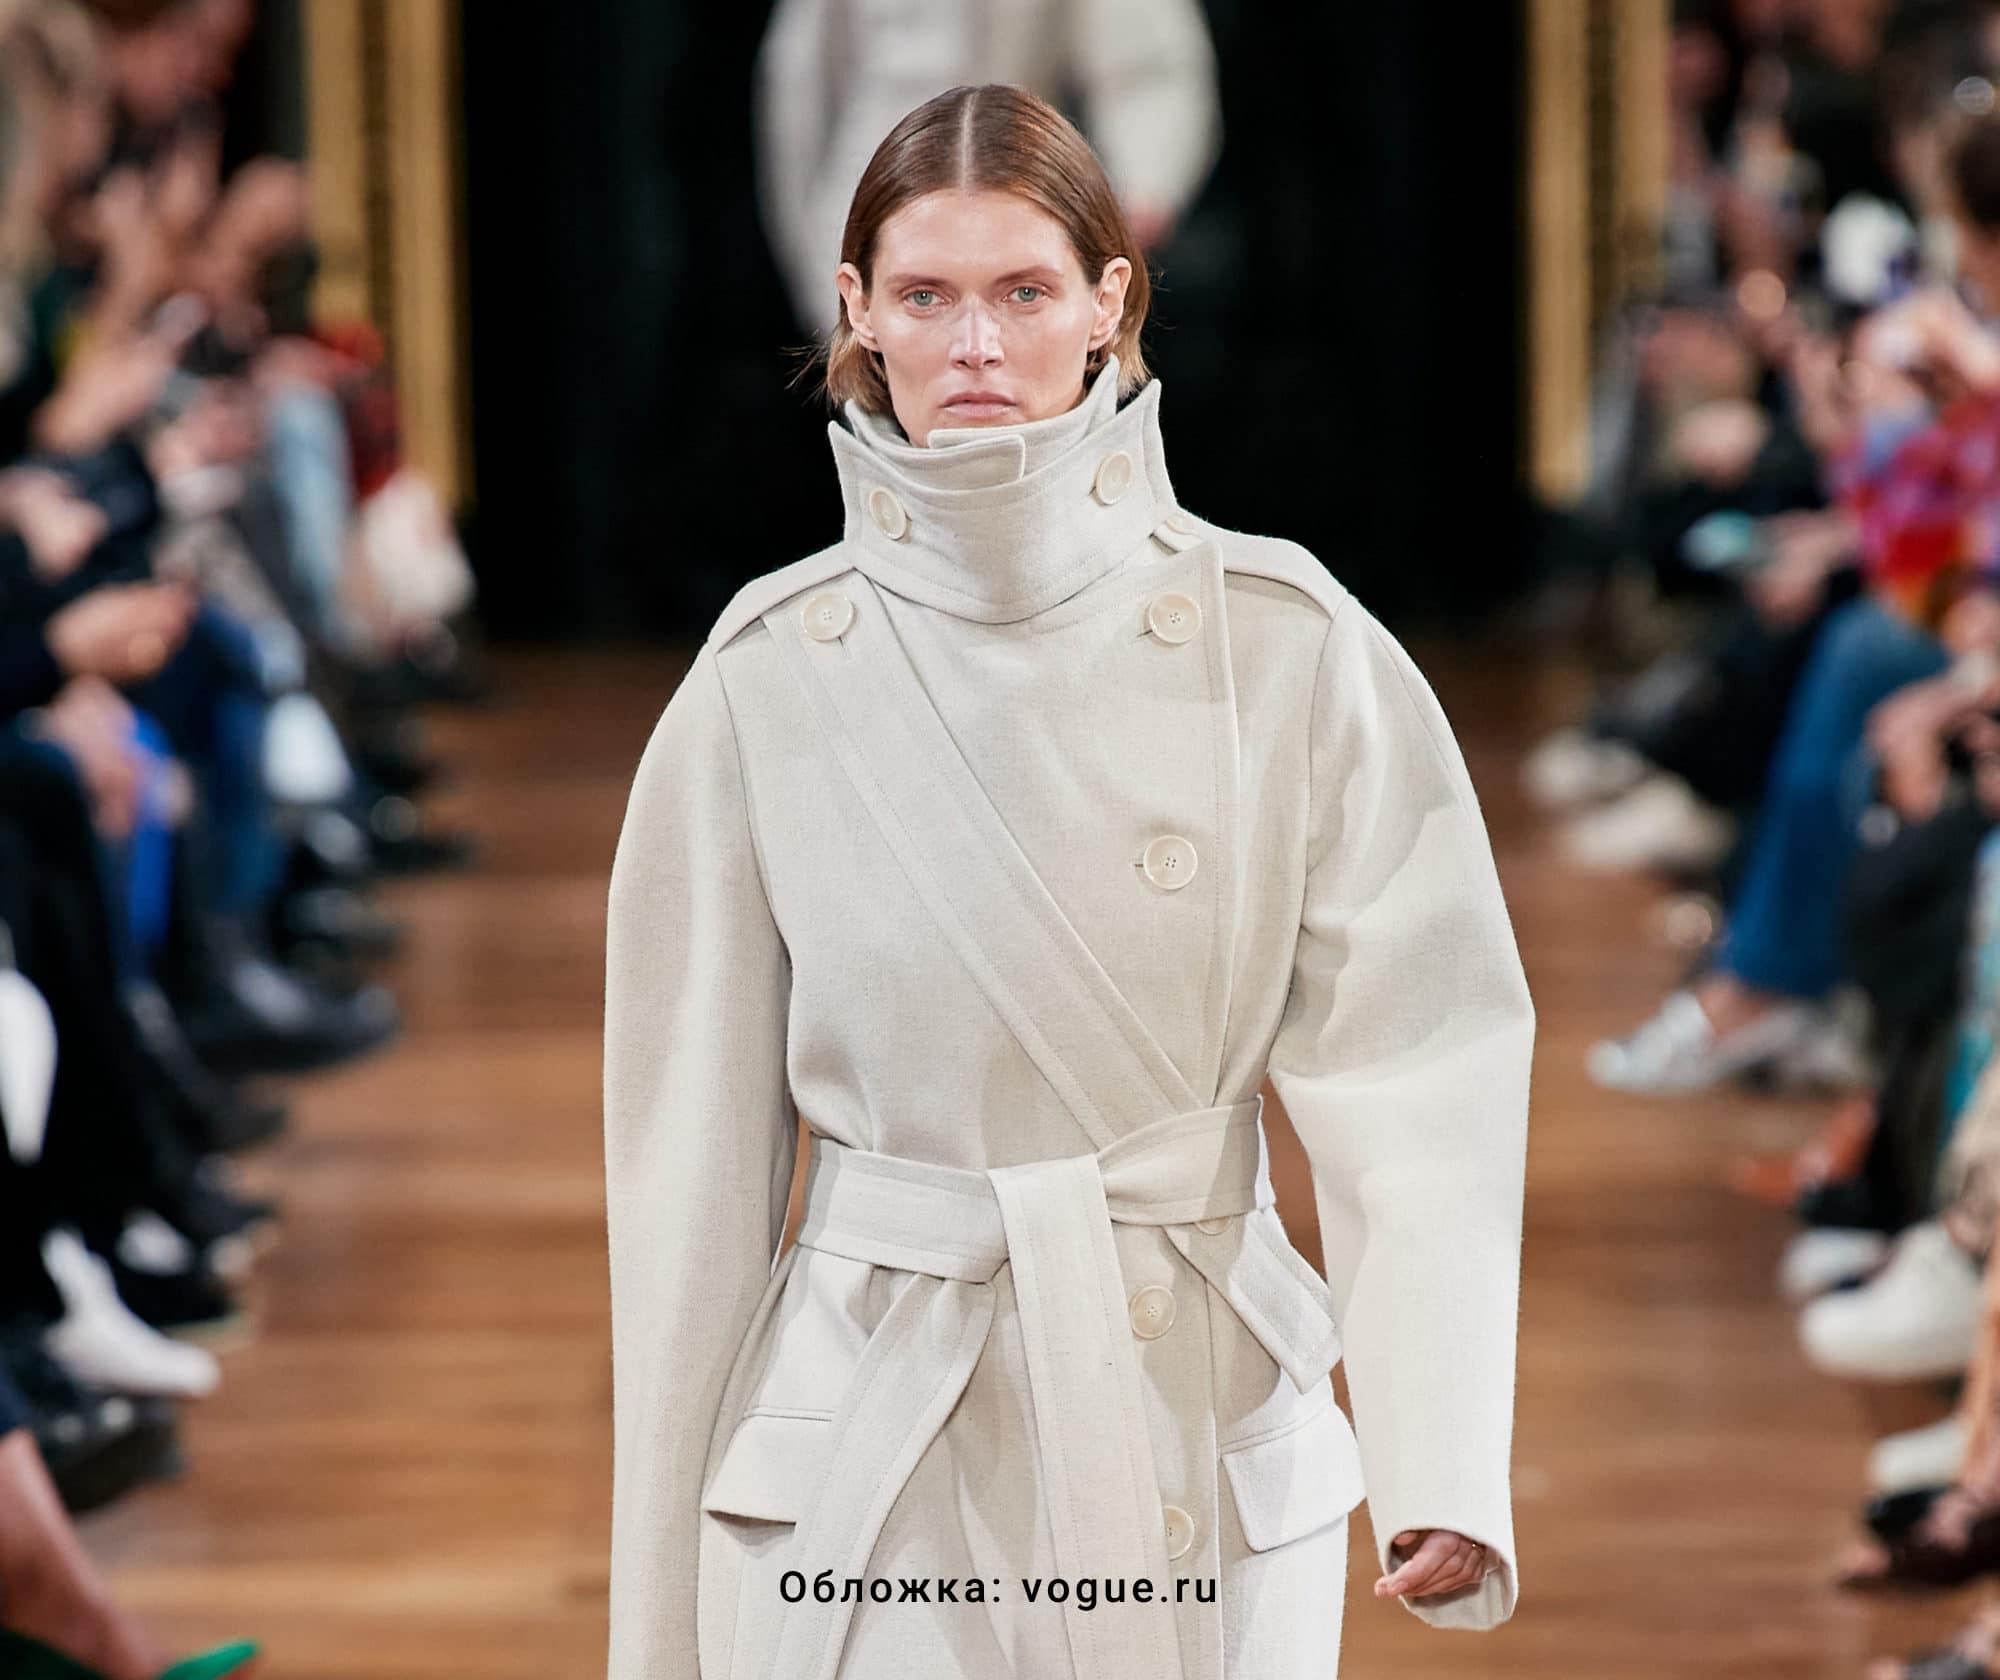 Двубортное, жакет или оверсайз: выбираем пальто для нового сезона